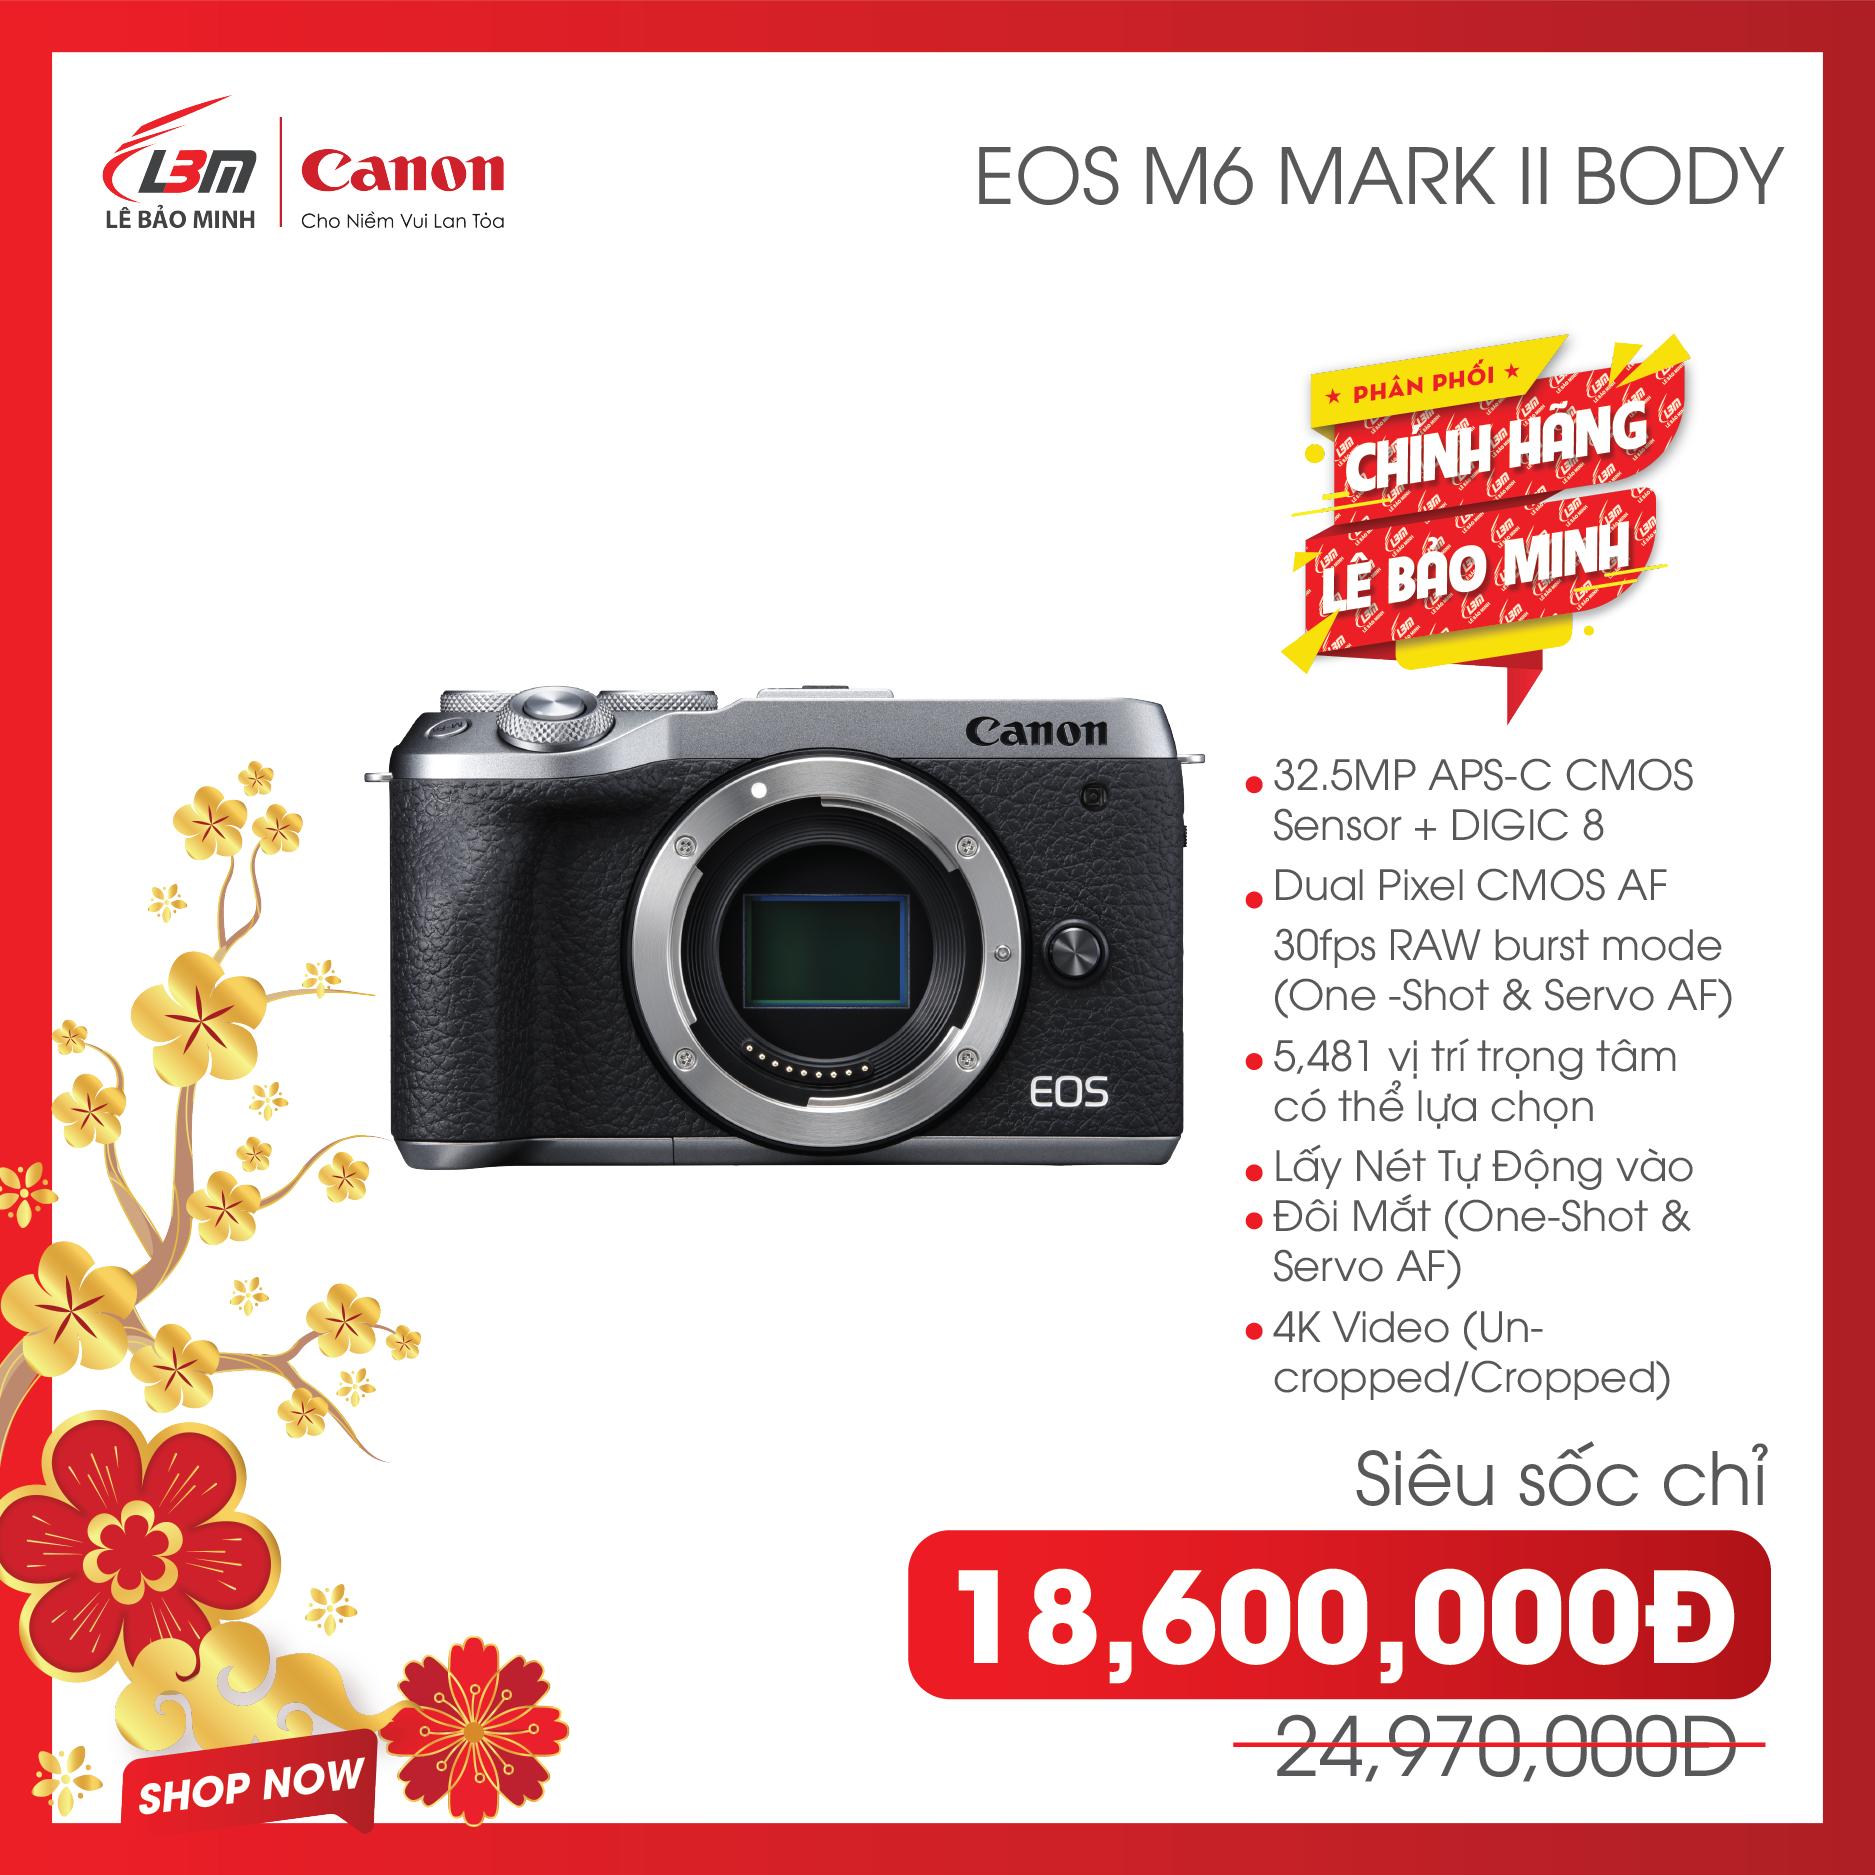 [Trả góp 0%][VOUCHER 1,540K] Máy Ảnh Canon EOS M6 Mark II Body – Hàng Chính Hãng Lê Bảo Minh